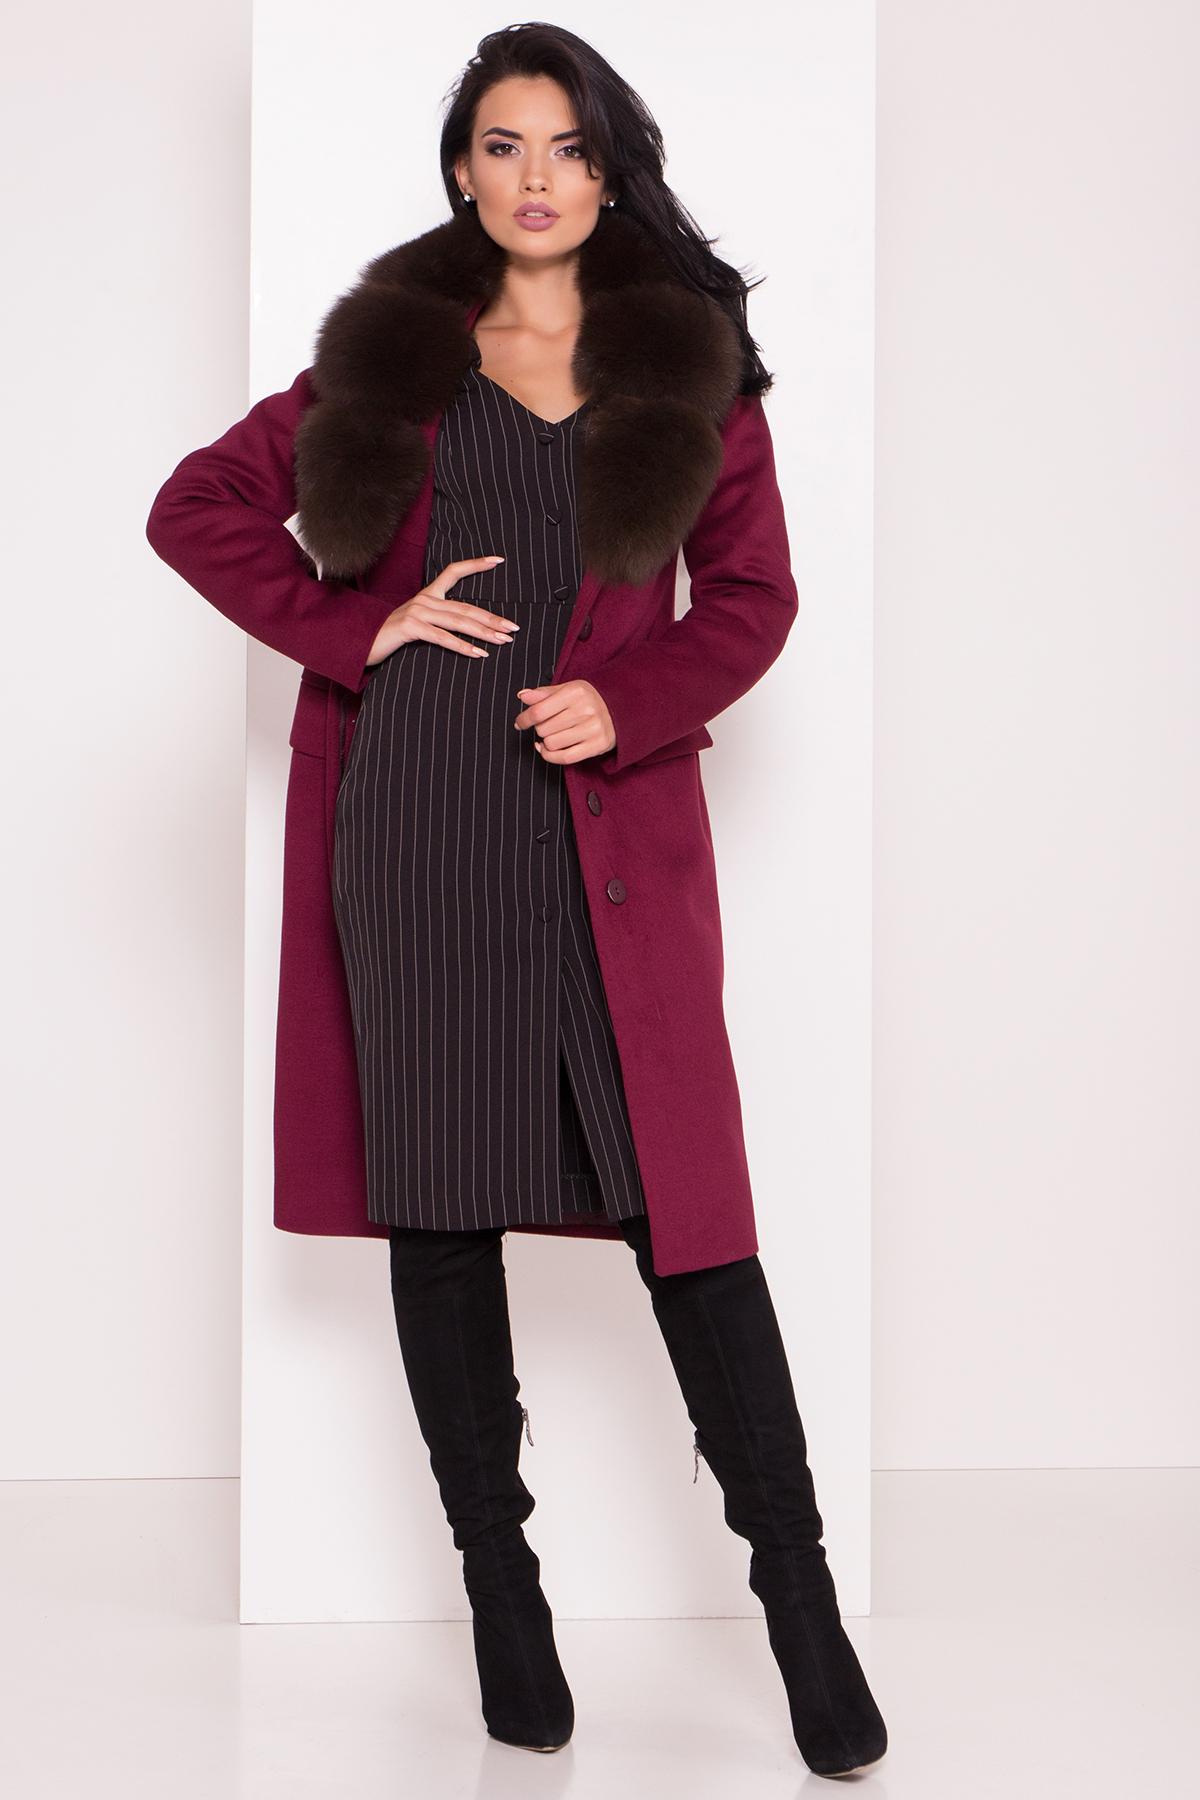 Кашемировое зимнее пальто Лабио 8154 АРТ. 44108 Цвет: Марсала 2 - фото 2, интернет магазин tm-modus.ru